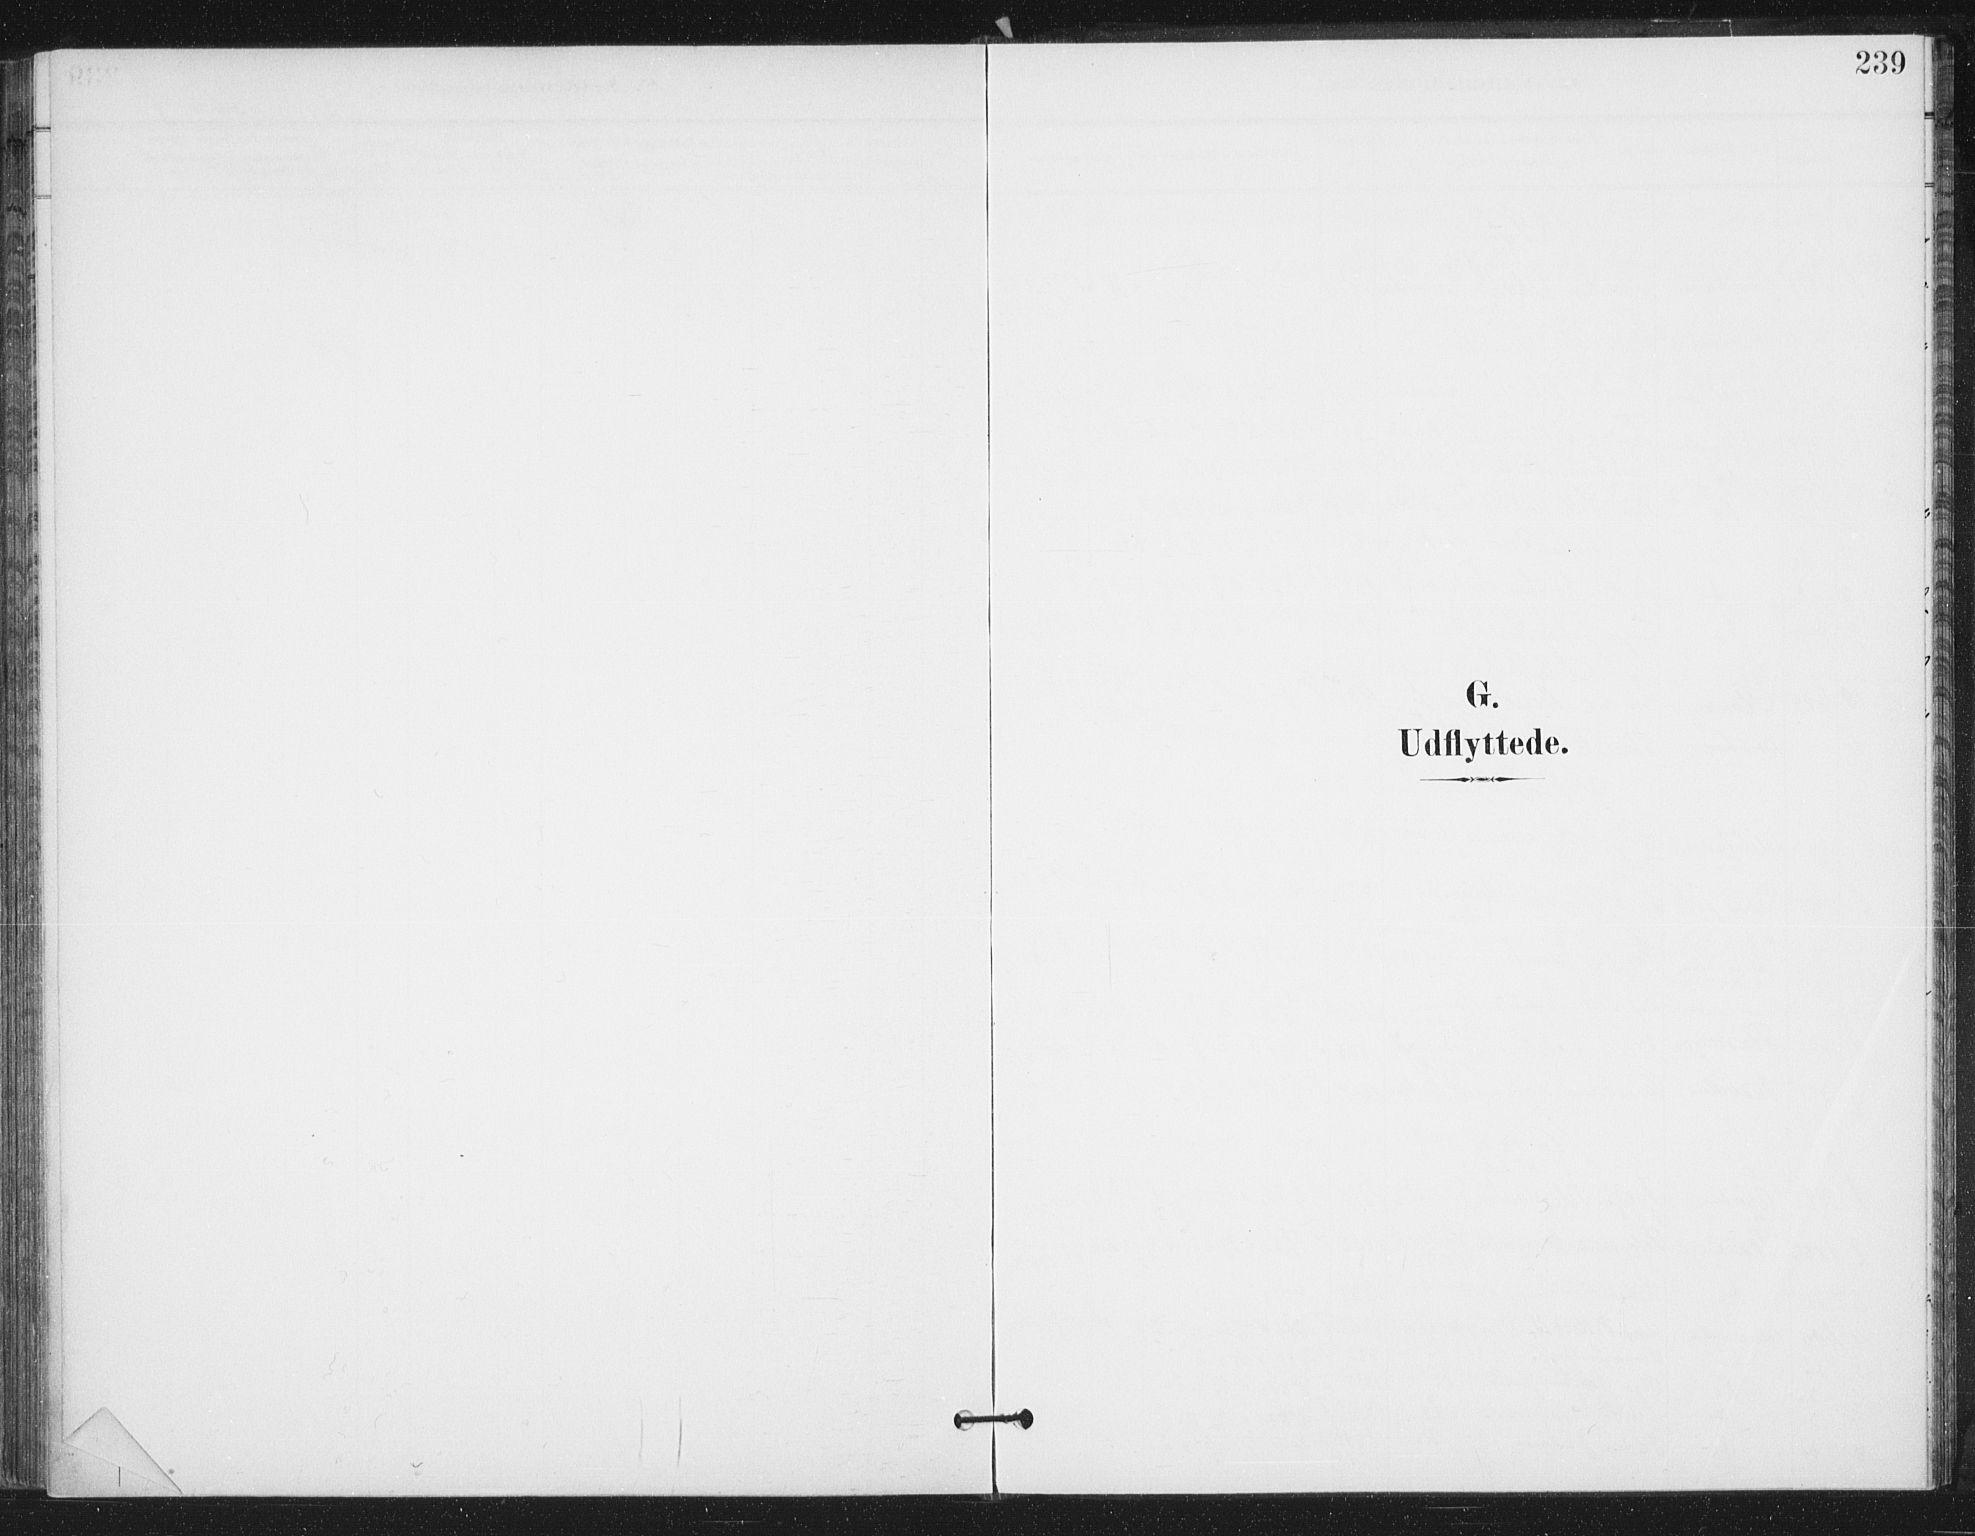 SAT, Ministerialprotokoller, klokkerbøker og fødselsregistre - Sør-Trøndelag, 658/L0723: Ministerialbok nr. 658A02, 1897-1912, s. 239